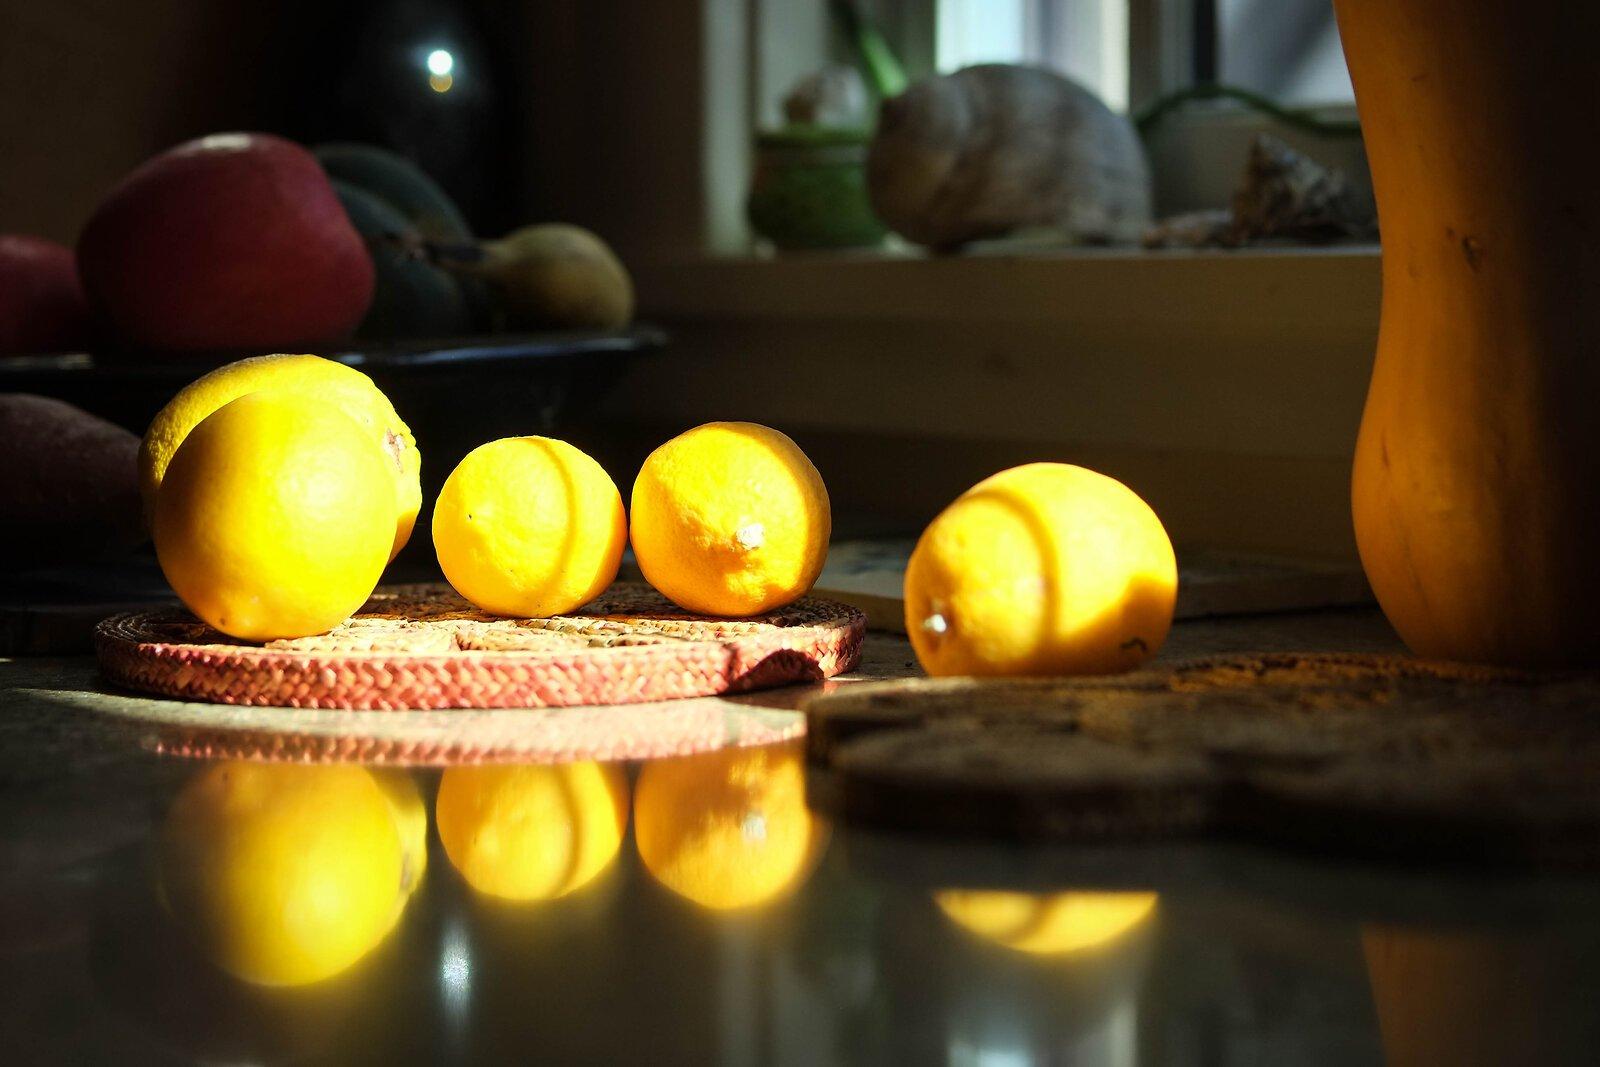 lemons_FujXE1_50mm_Apr21.jpg